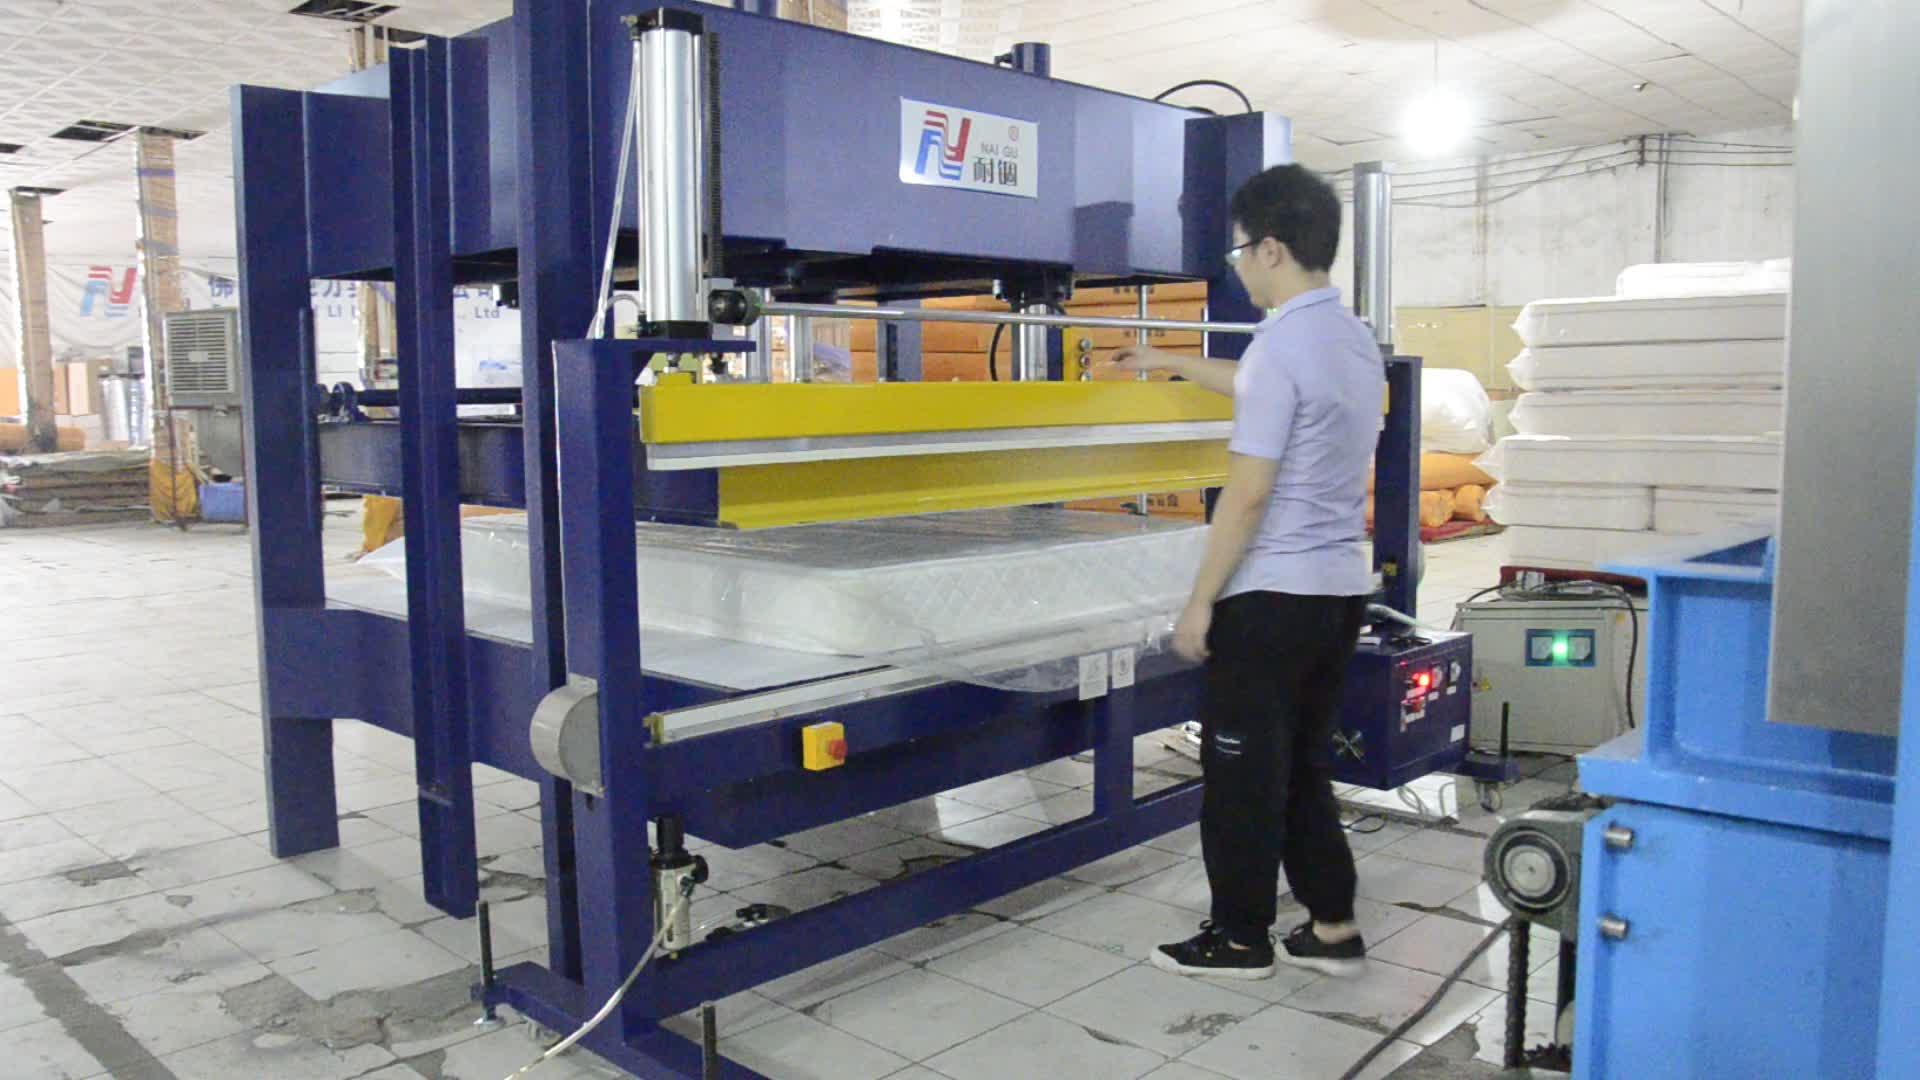 NG-01M Bom produto de óleo preço de fábrica semi máquina de compressão da mola do bolso colchão de espuma de látex de embalar a vácuo